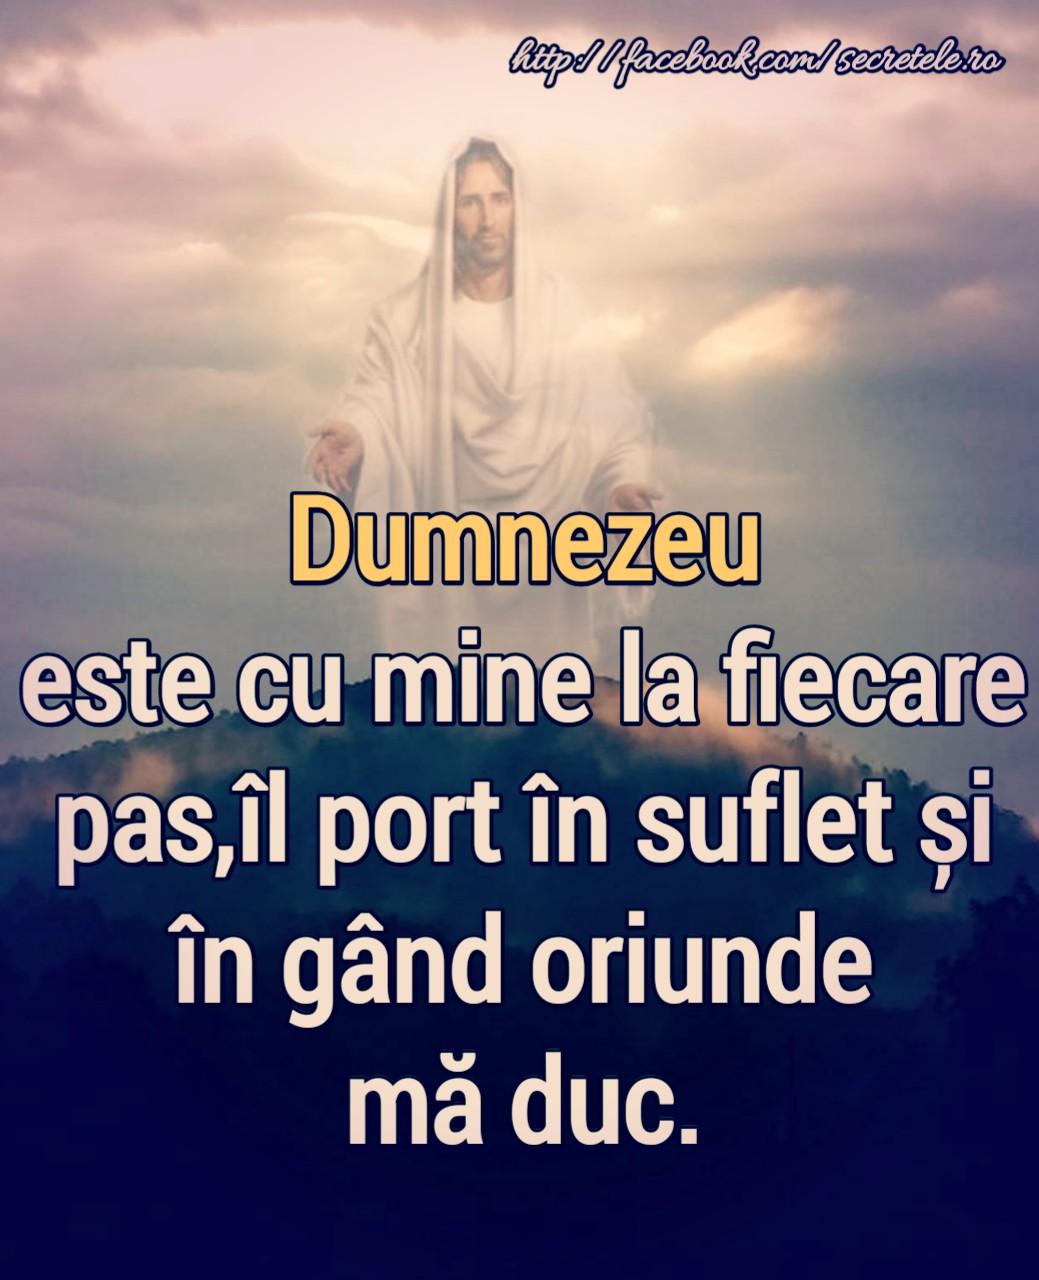 Dumnezeu este cu mine